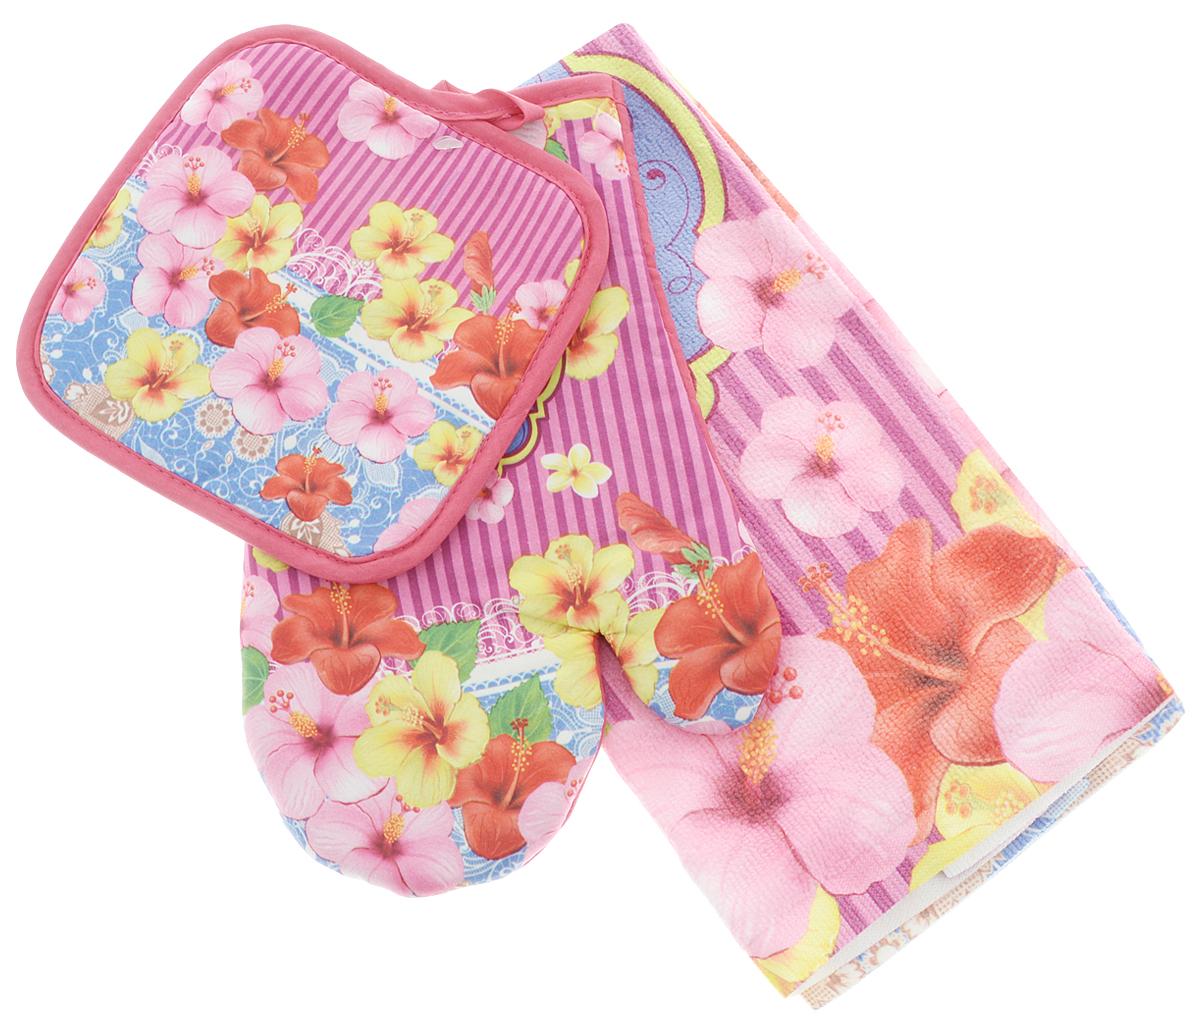 Комплект для кухни Soavita Гибискус, 3 предмета80613/XC FLS2Кухонный комплект Soavita Гибискус состоит из полотенца, прихватки и прихватки-варежки. Прихватка и прихватка-варежка изготовлены из 100% полиэстера, полотенце изготовлено из 80% полиэстера и 20% полиамида. Все изделия украшены ярким рисунком цветов. Комплект идеально дополнит интерьер вашей кухни и создаст атмосферу уюта и комфорта. Высочайшее качество материала гарантирует безопасность не только взрослых, но и самых маленьких членов семьи. Размер полотенца: 38 х 63 см. Размер прихватки: 17 х 17 см. Размер прихватки-варежки: 17 х 27 см.